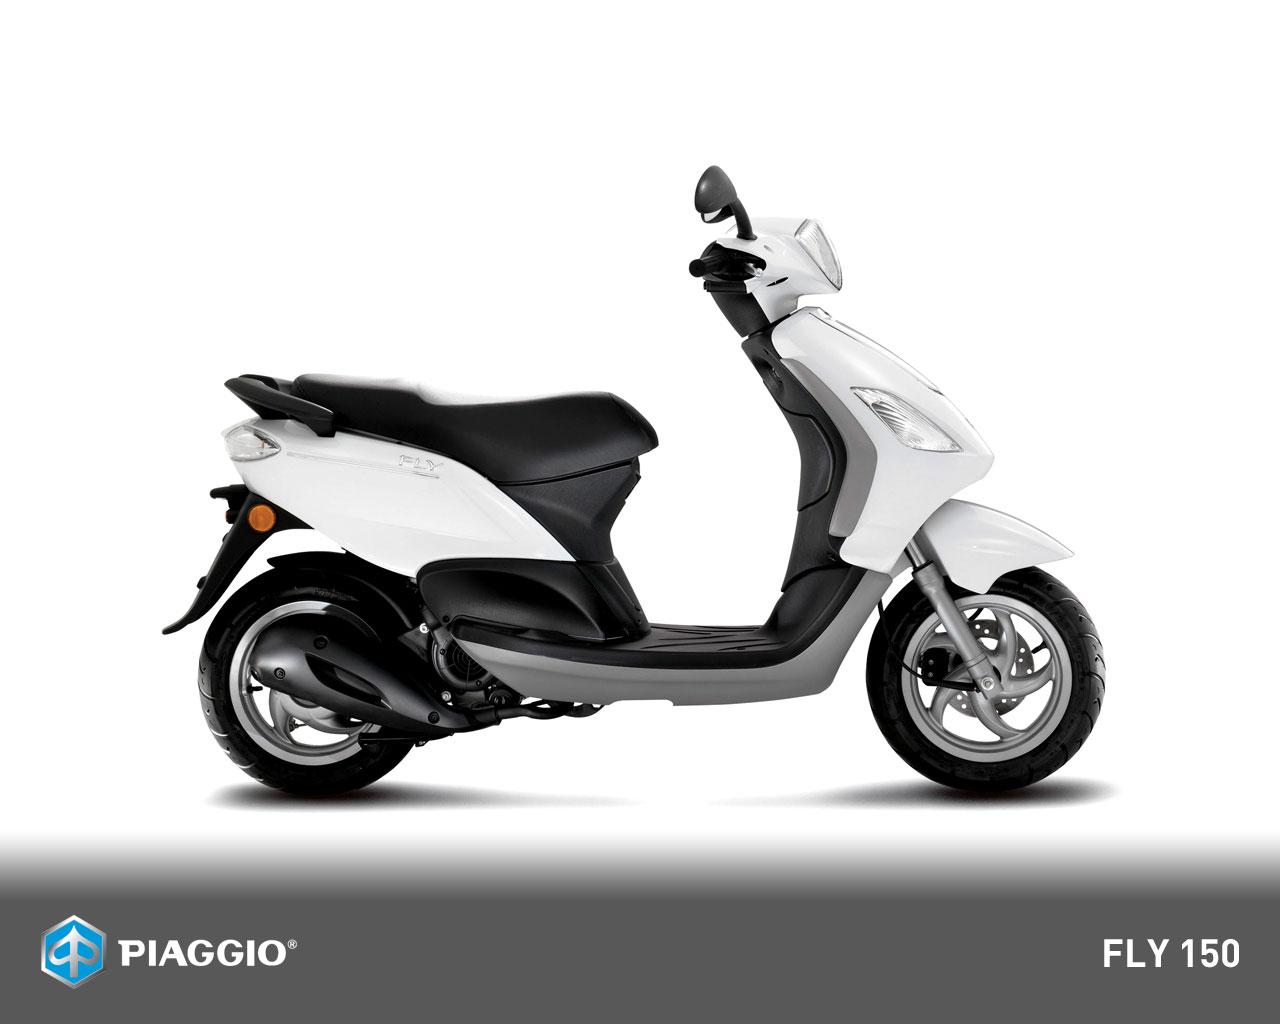 piaggio fly 150 specs - 2008, 2009 - autoevolution